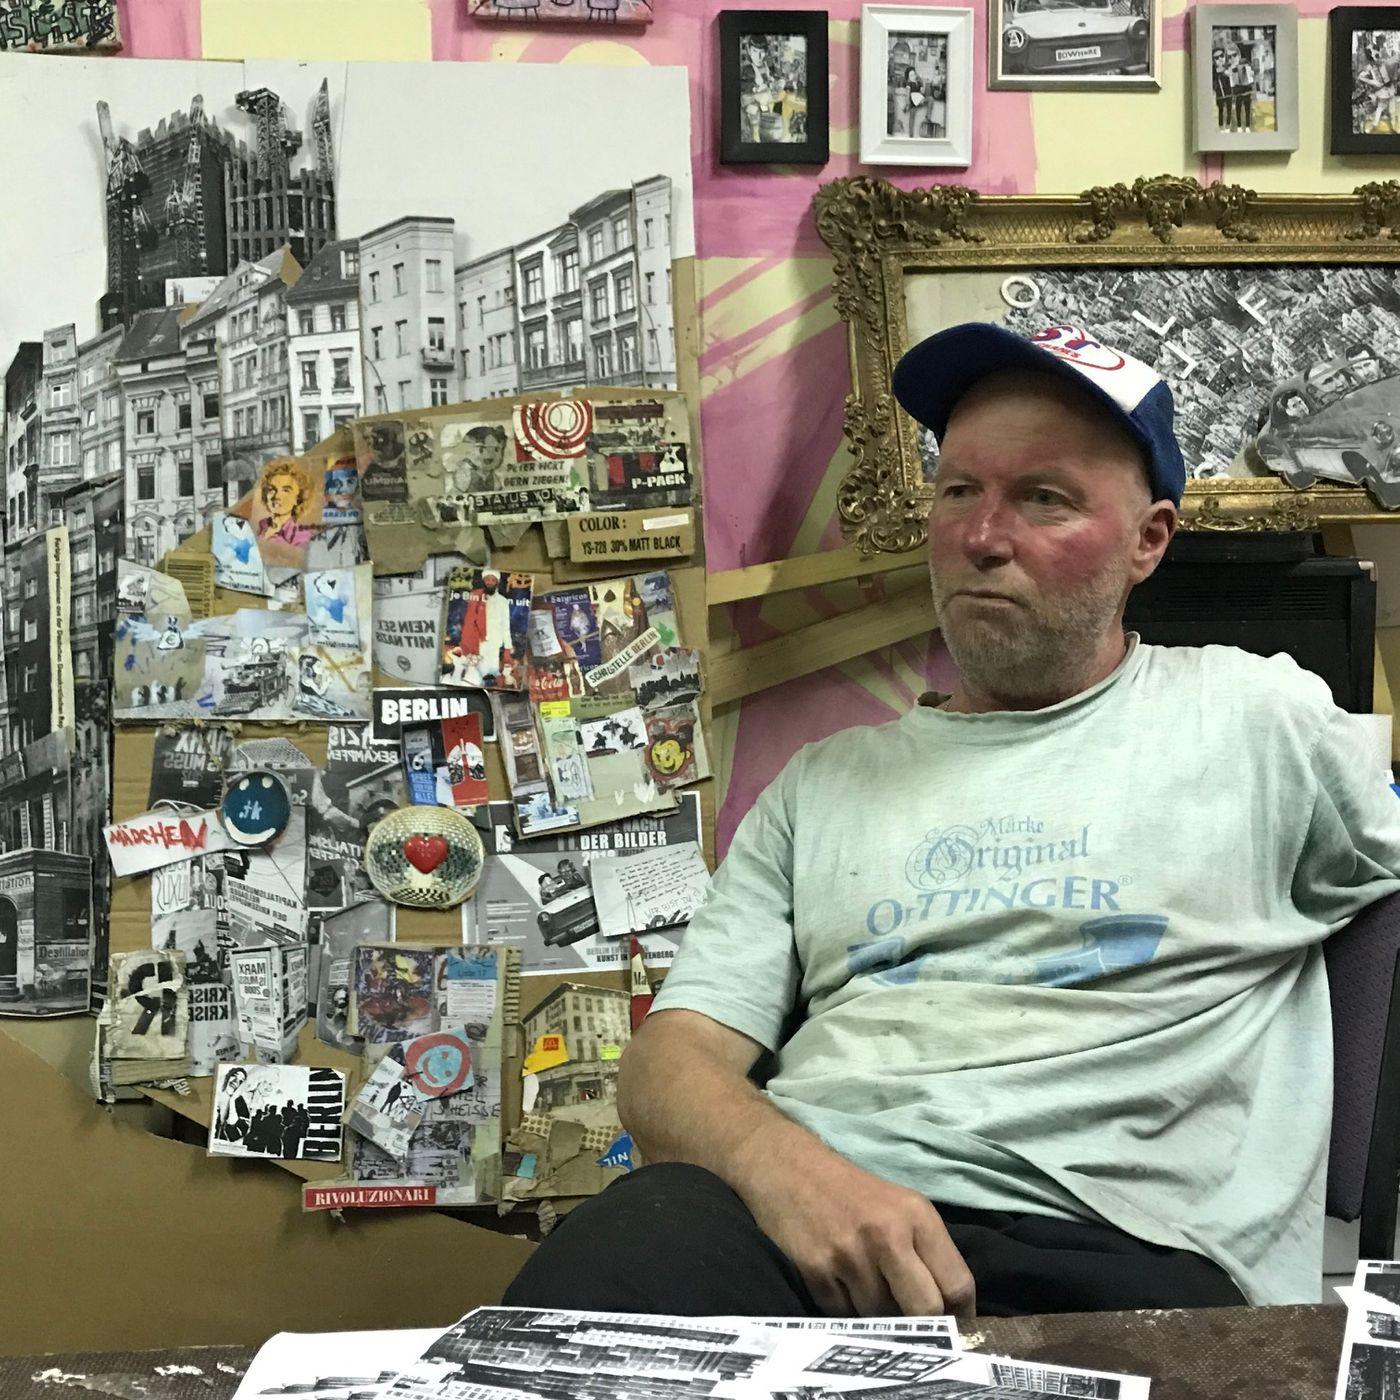 Stammtisch met kunstenaar Tim Roeloffs